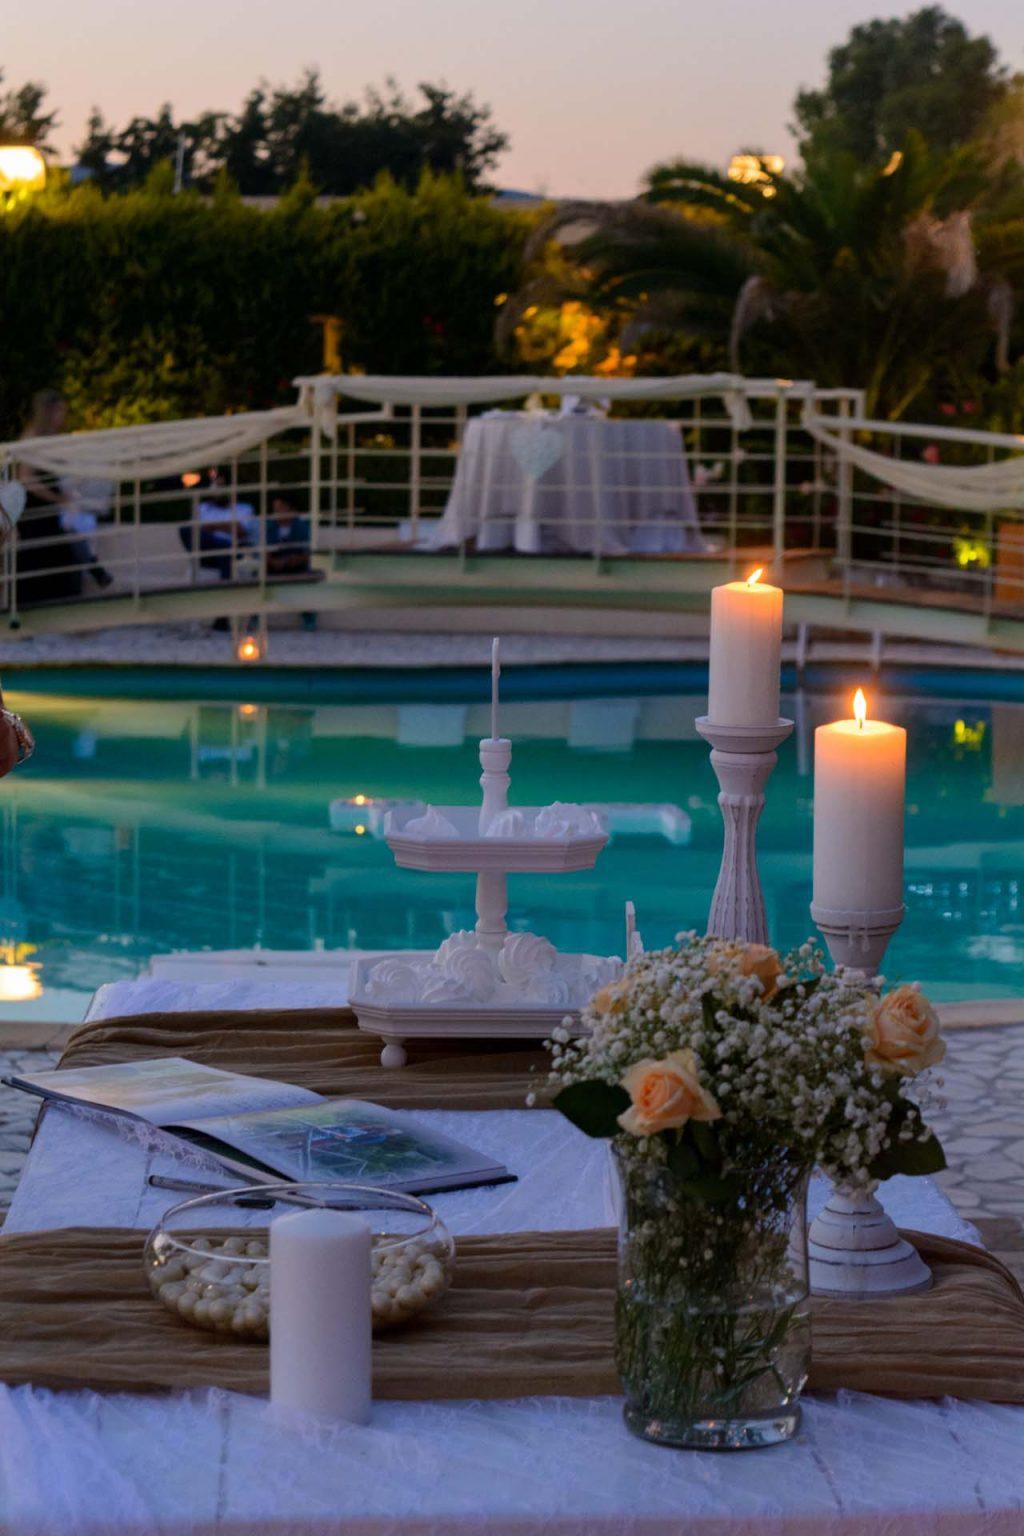 Τραπέζι ευχών με φόντο την πισίνα